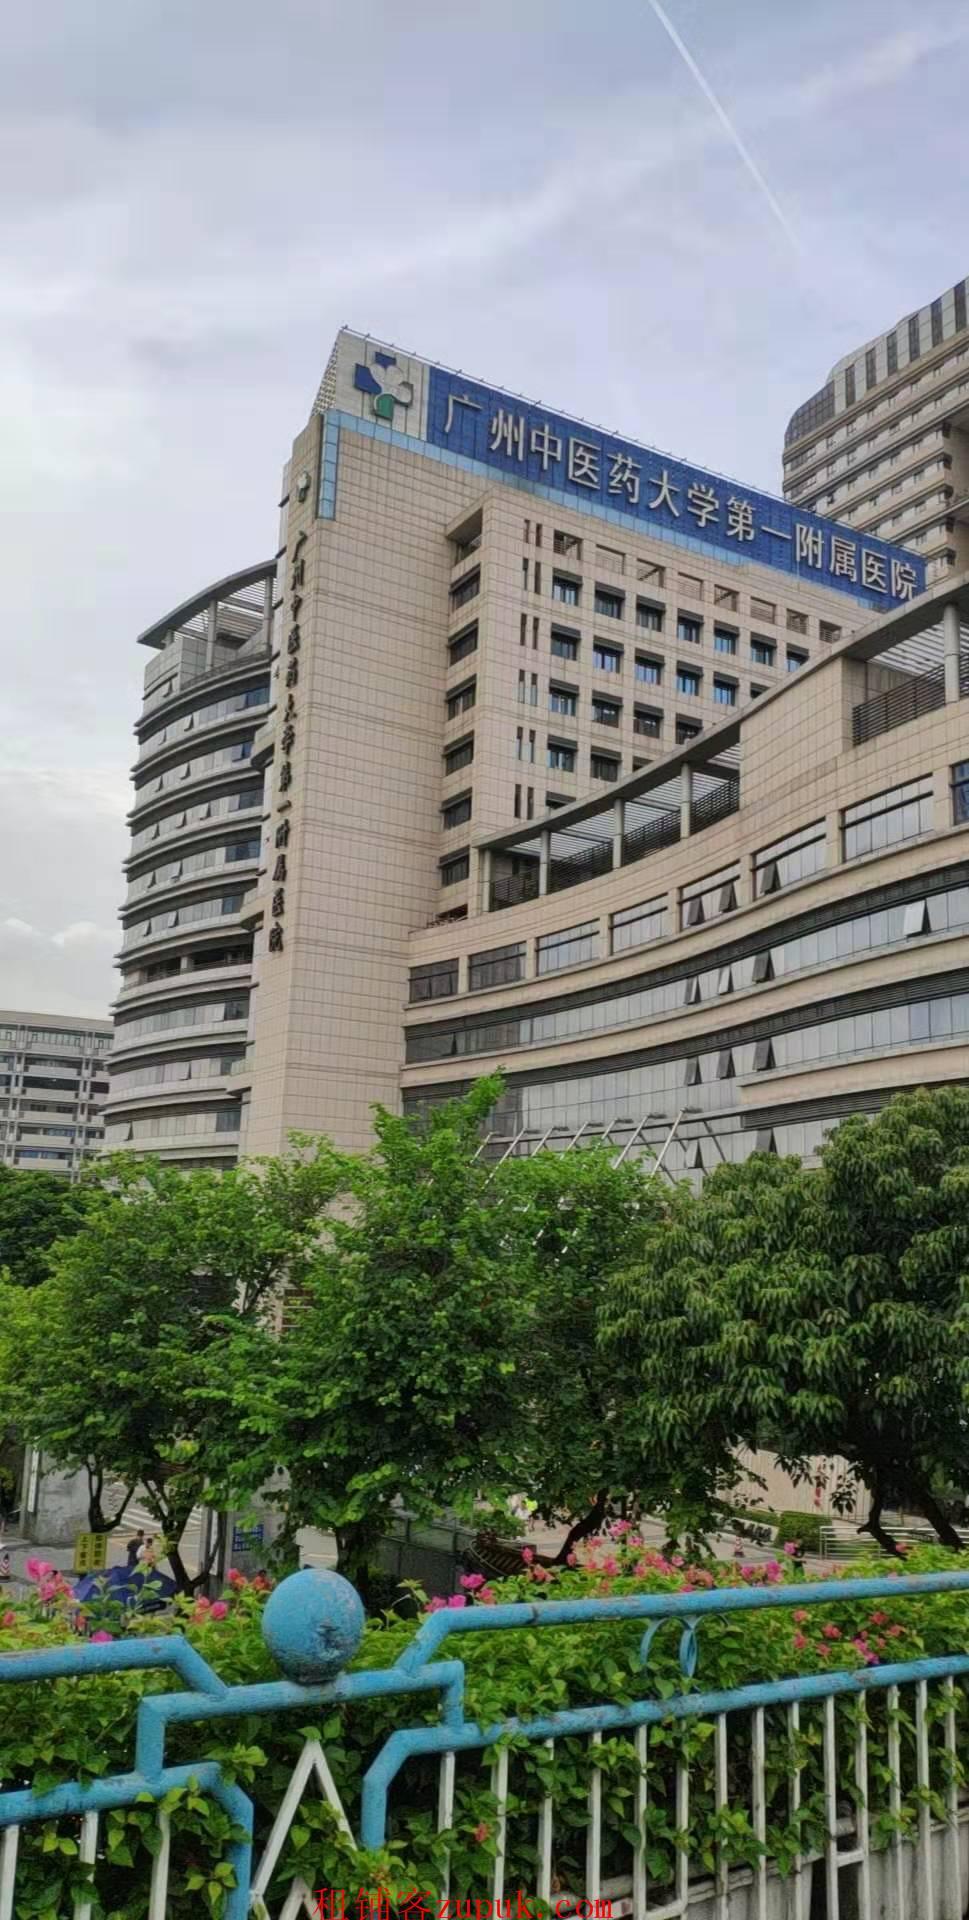 三元里广州医科大学对面,餐饮小吃门面,全天人流拥挤